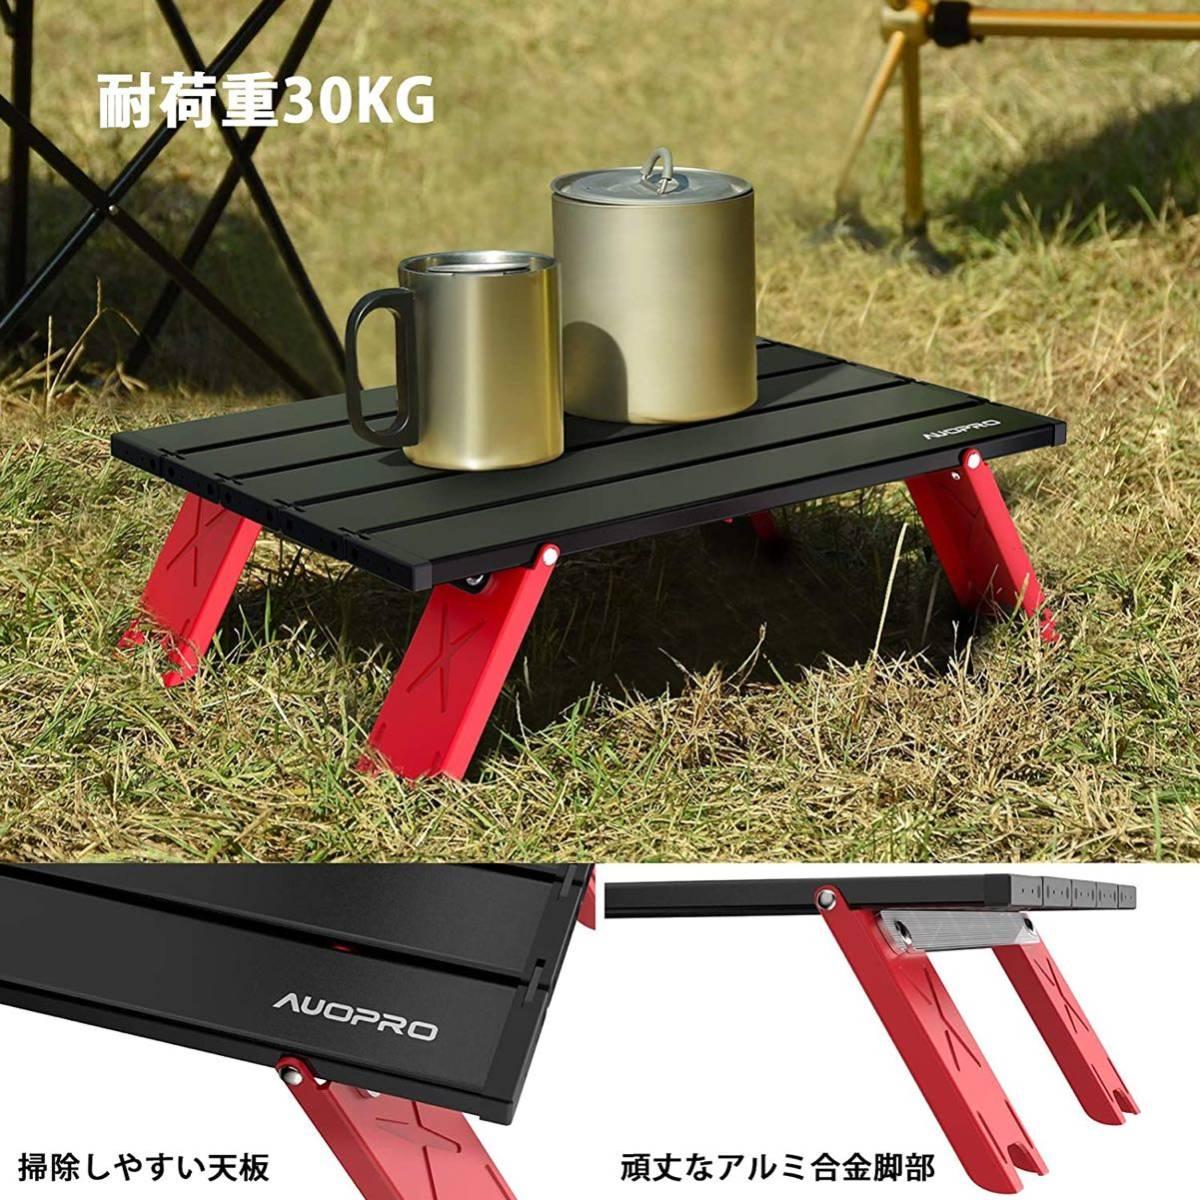 アウトドアテーブル 折りたたみキャンプテーブル 耐荷重30KG 収納袋付